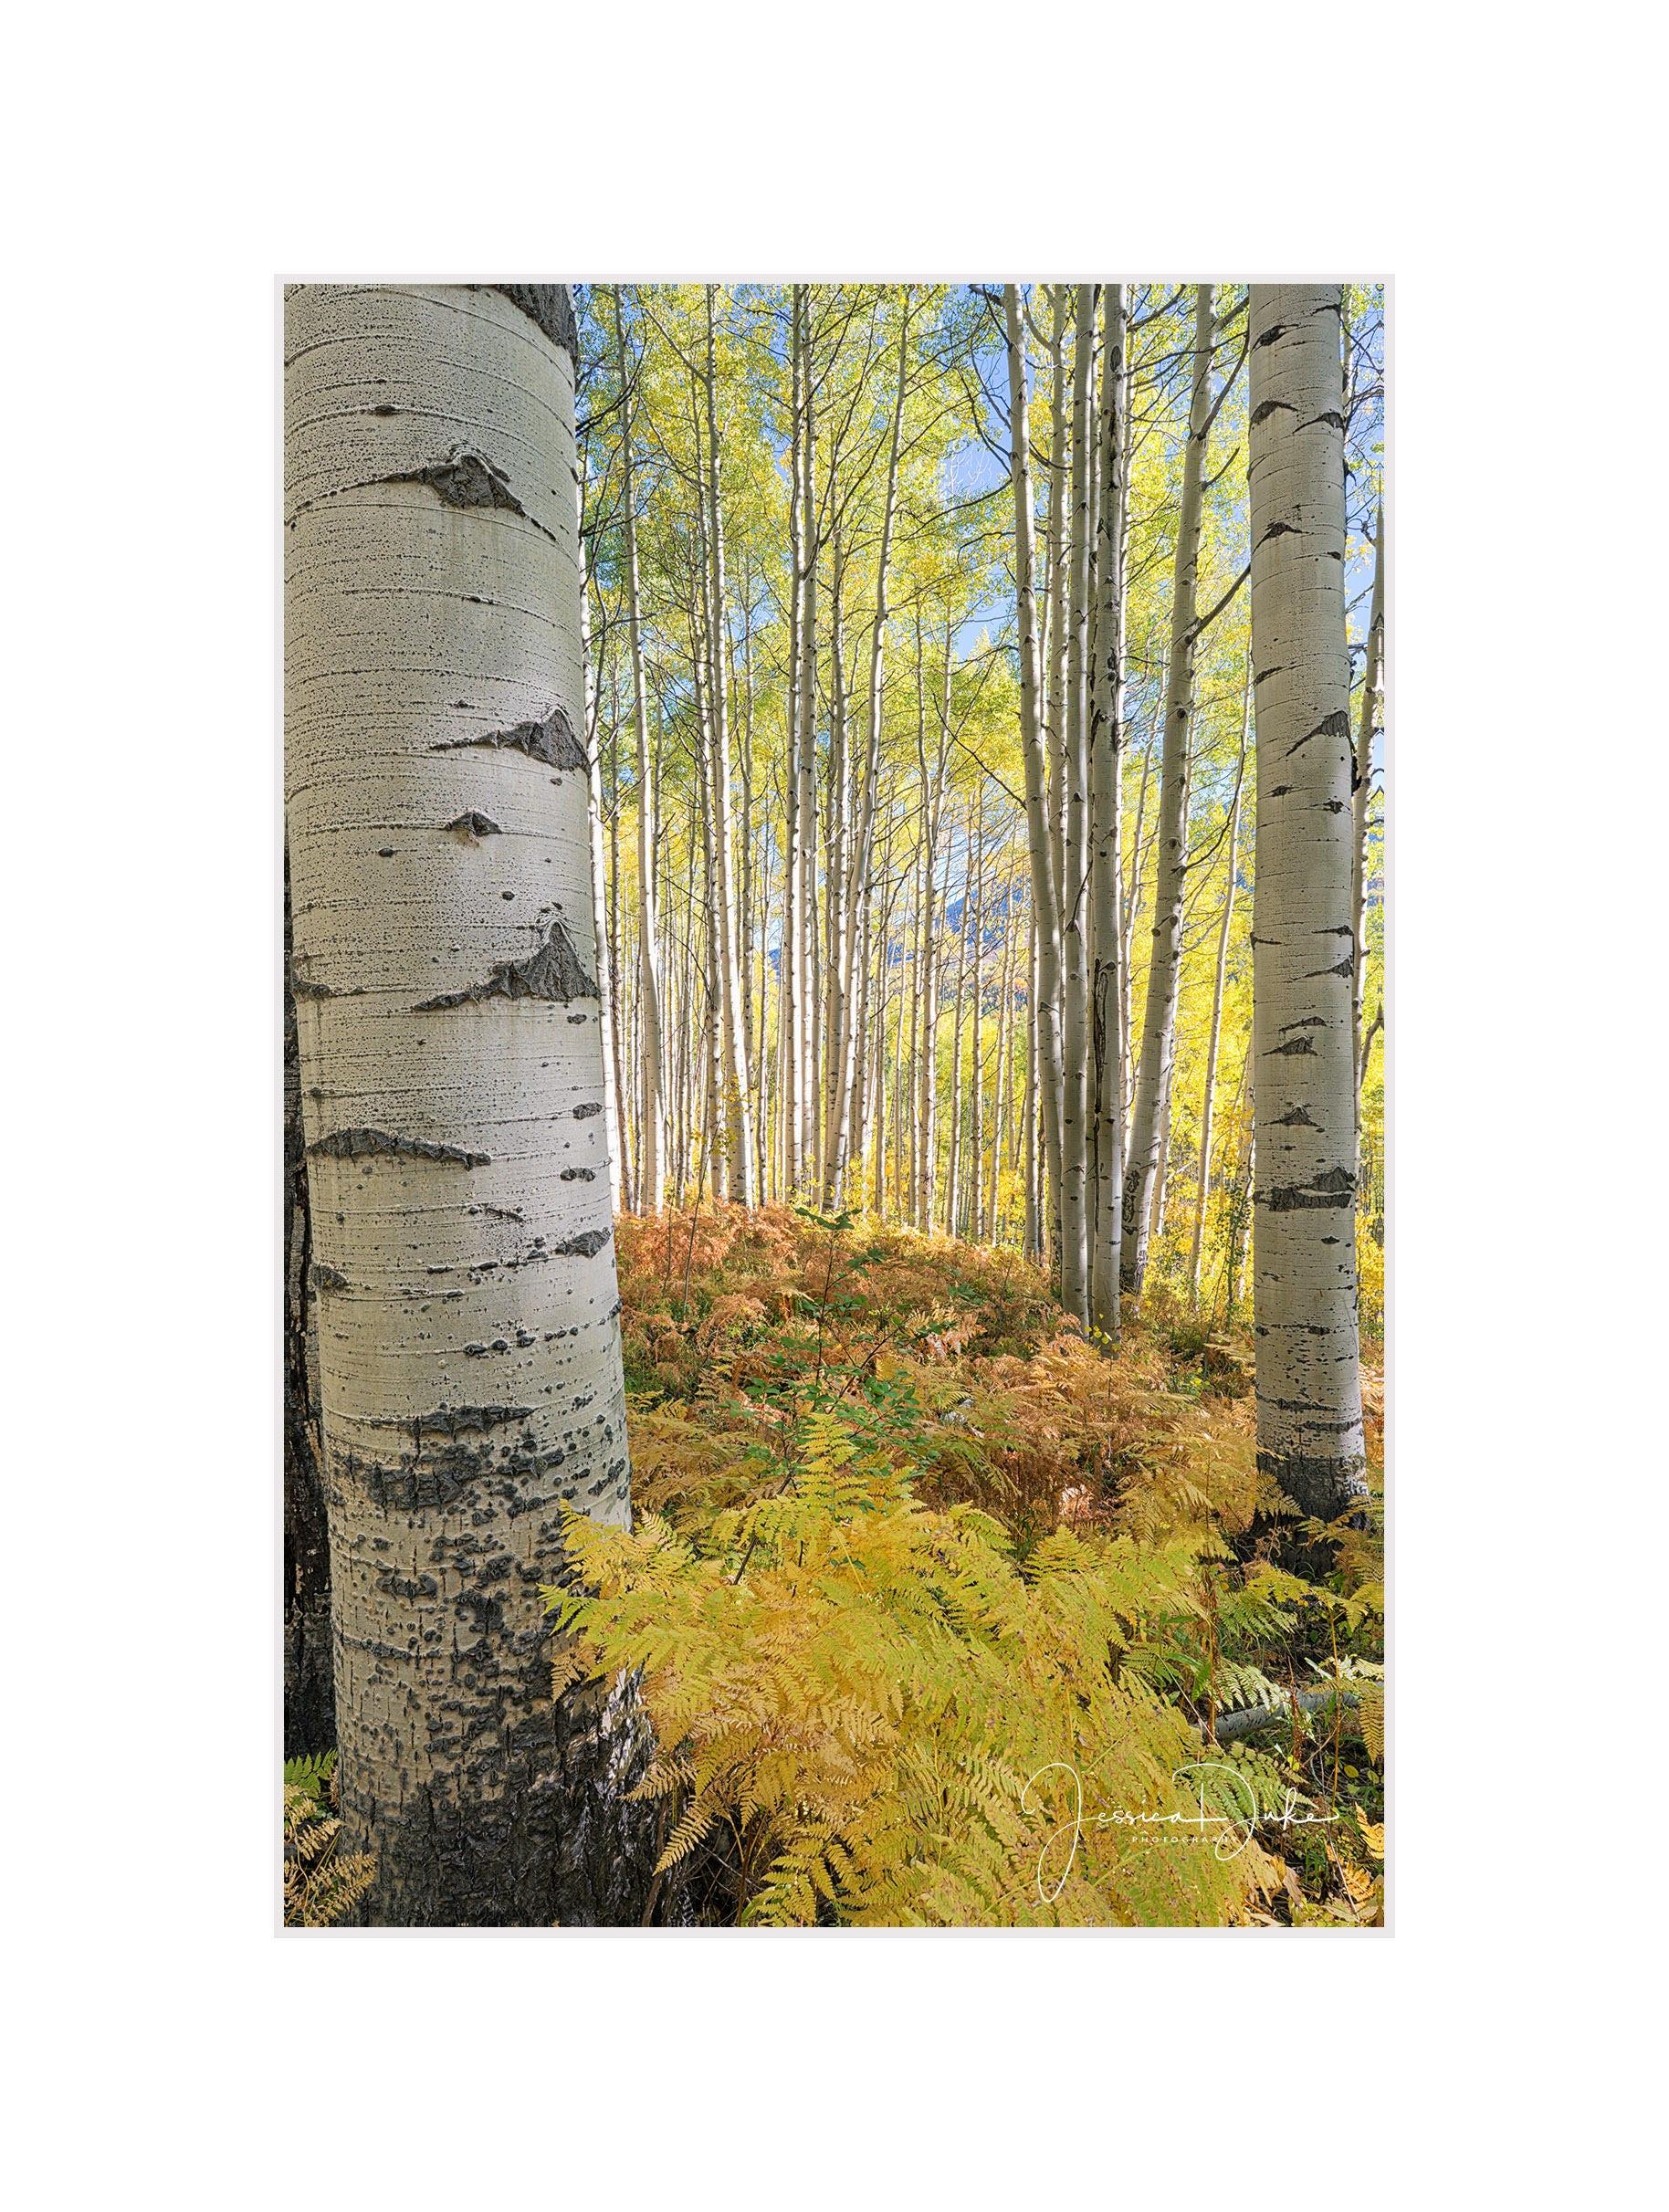 Aspen Trees Tree Photography Aspen Trees Wall Art Aspen | Etsy